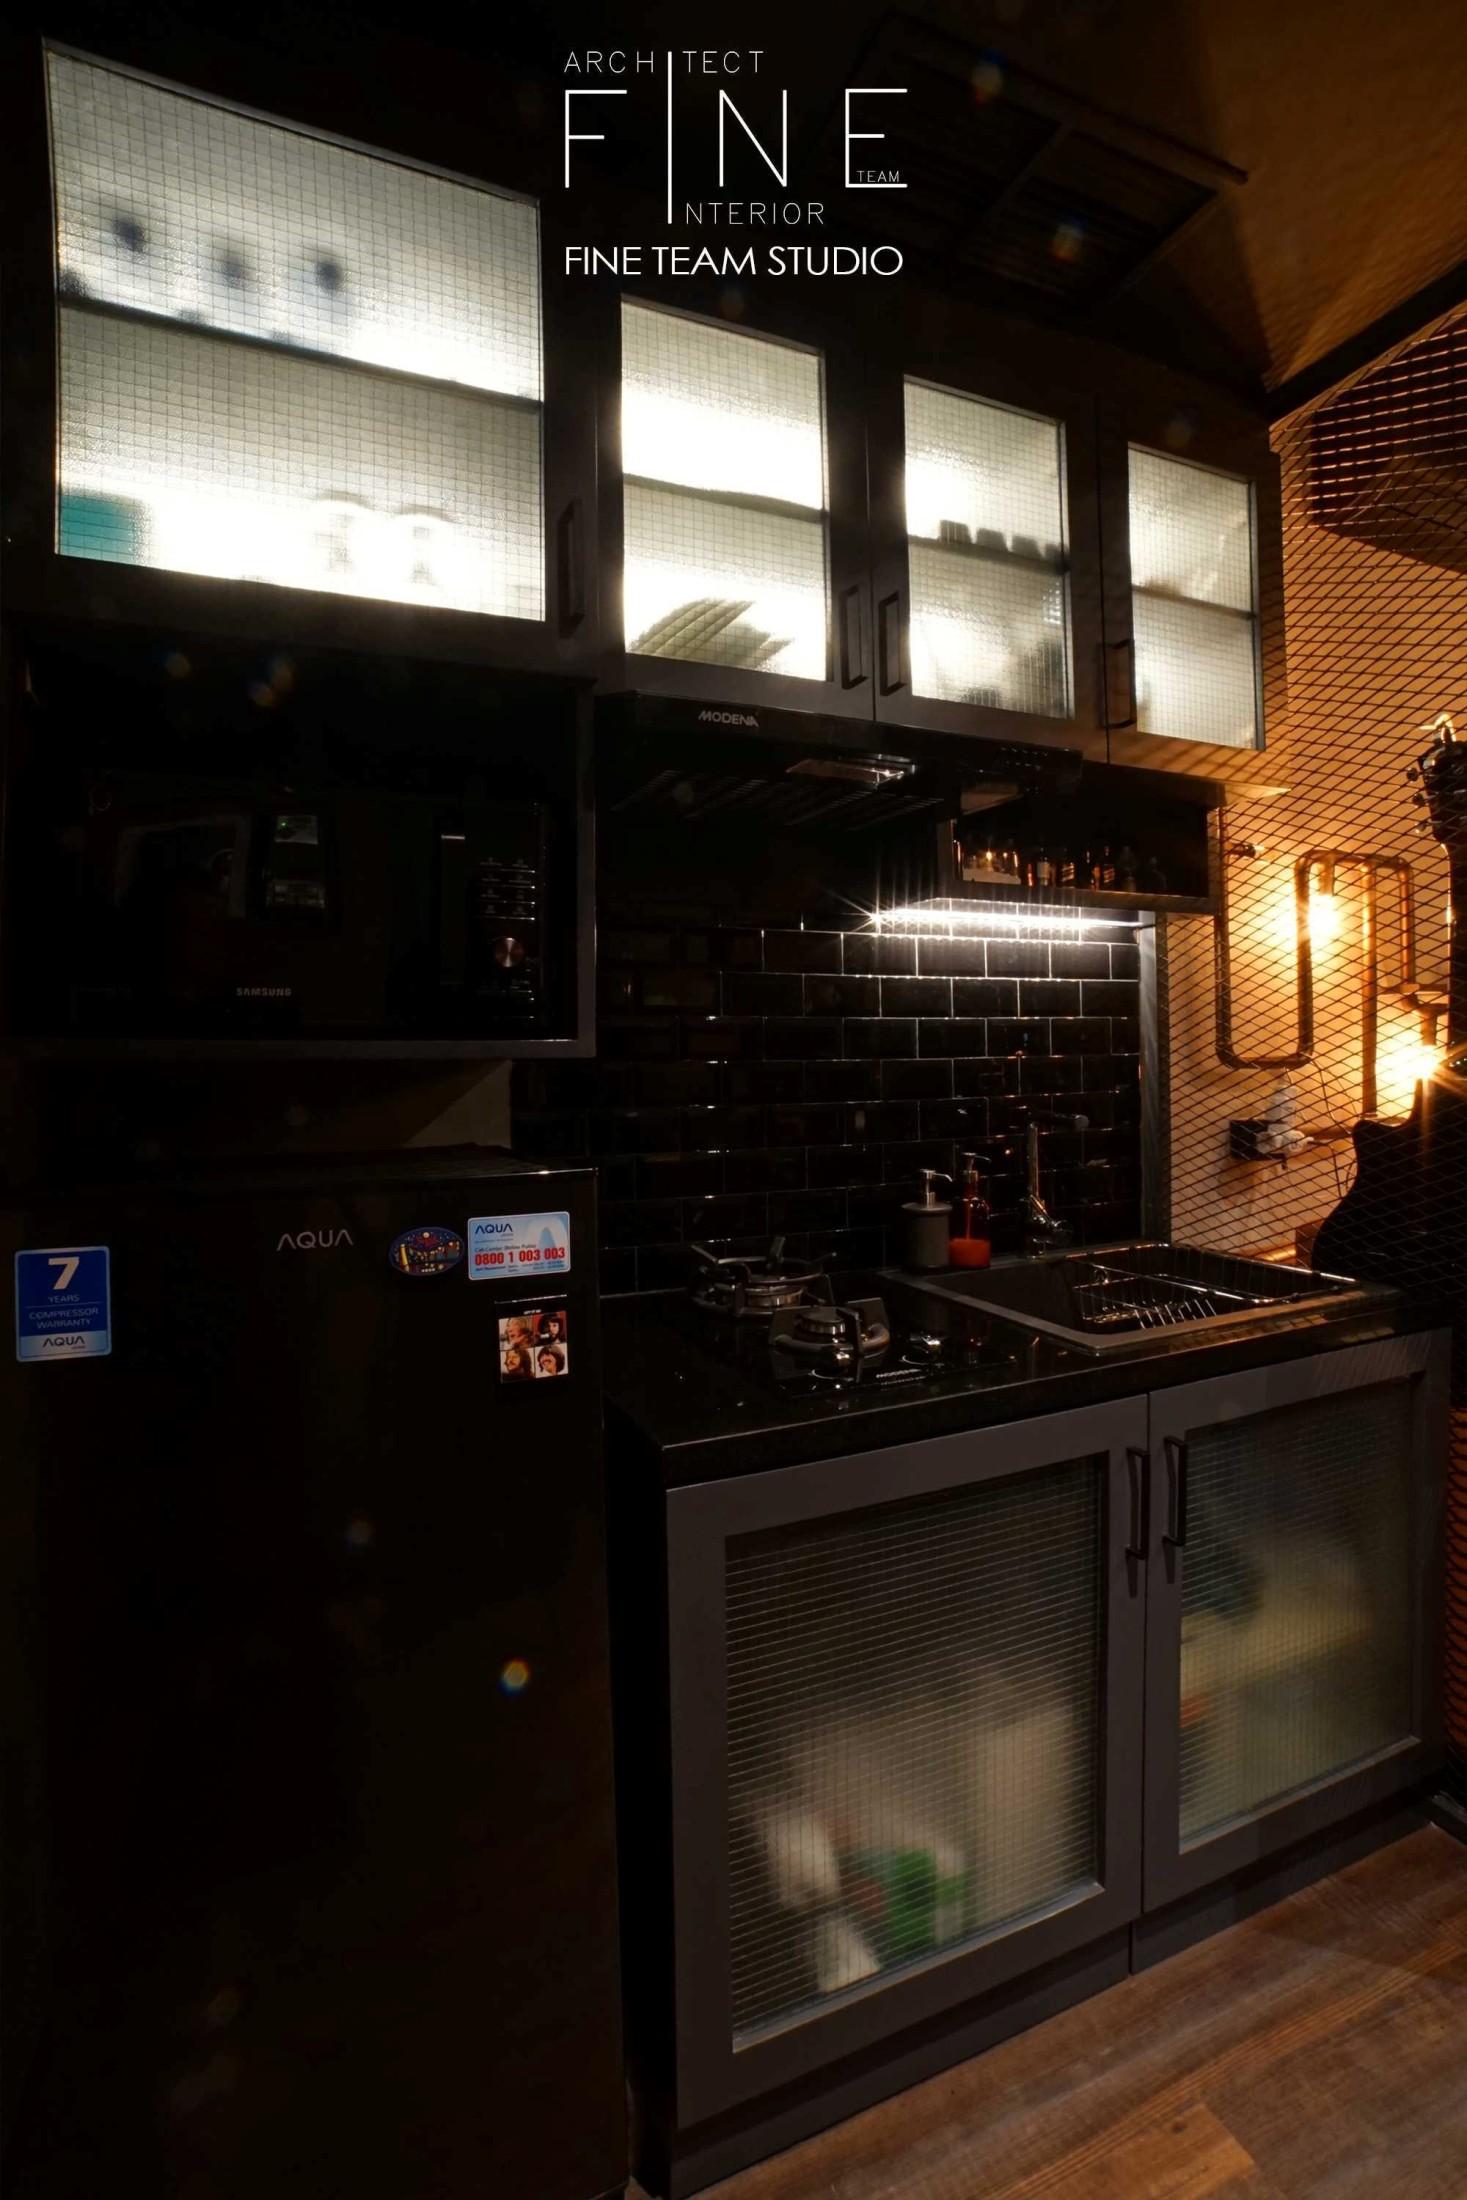 Konsistensi pemanfaatan material ditunjukkan dari pemakaian besi dicat hitam doff dan hitam glossy pada seluruh kitchen set hingga kulkas dan backsplash. Lampu downlight di bagian bawah lemari gantung menyoroti backsplash keramik, memantulkan kilau hitam yang memukau. Sticker kaca/sandblast motif jaring horizontal vertikal senada dengan partisi jaring besi motif diagonal pada perabotan lainnya. Lampu putih yang memancar lembut dari pintu kaca kabinet membuat kitchen set mungil tampil elegan.